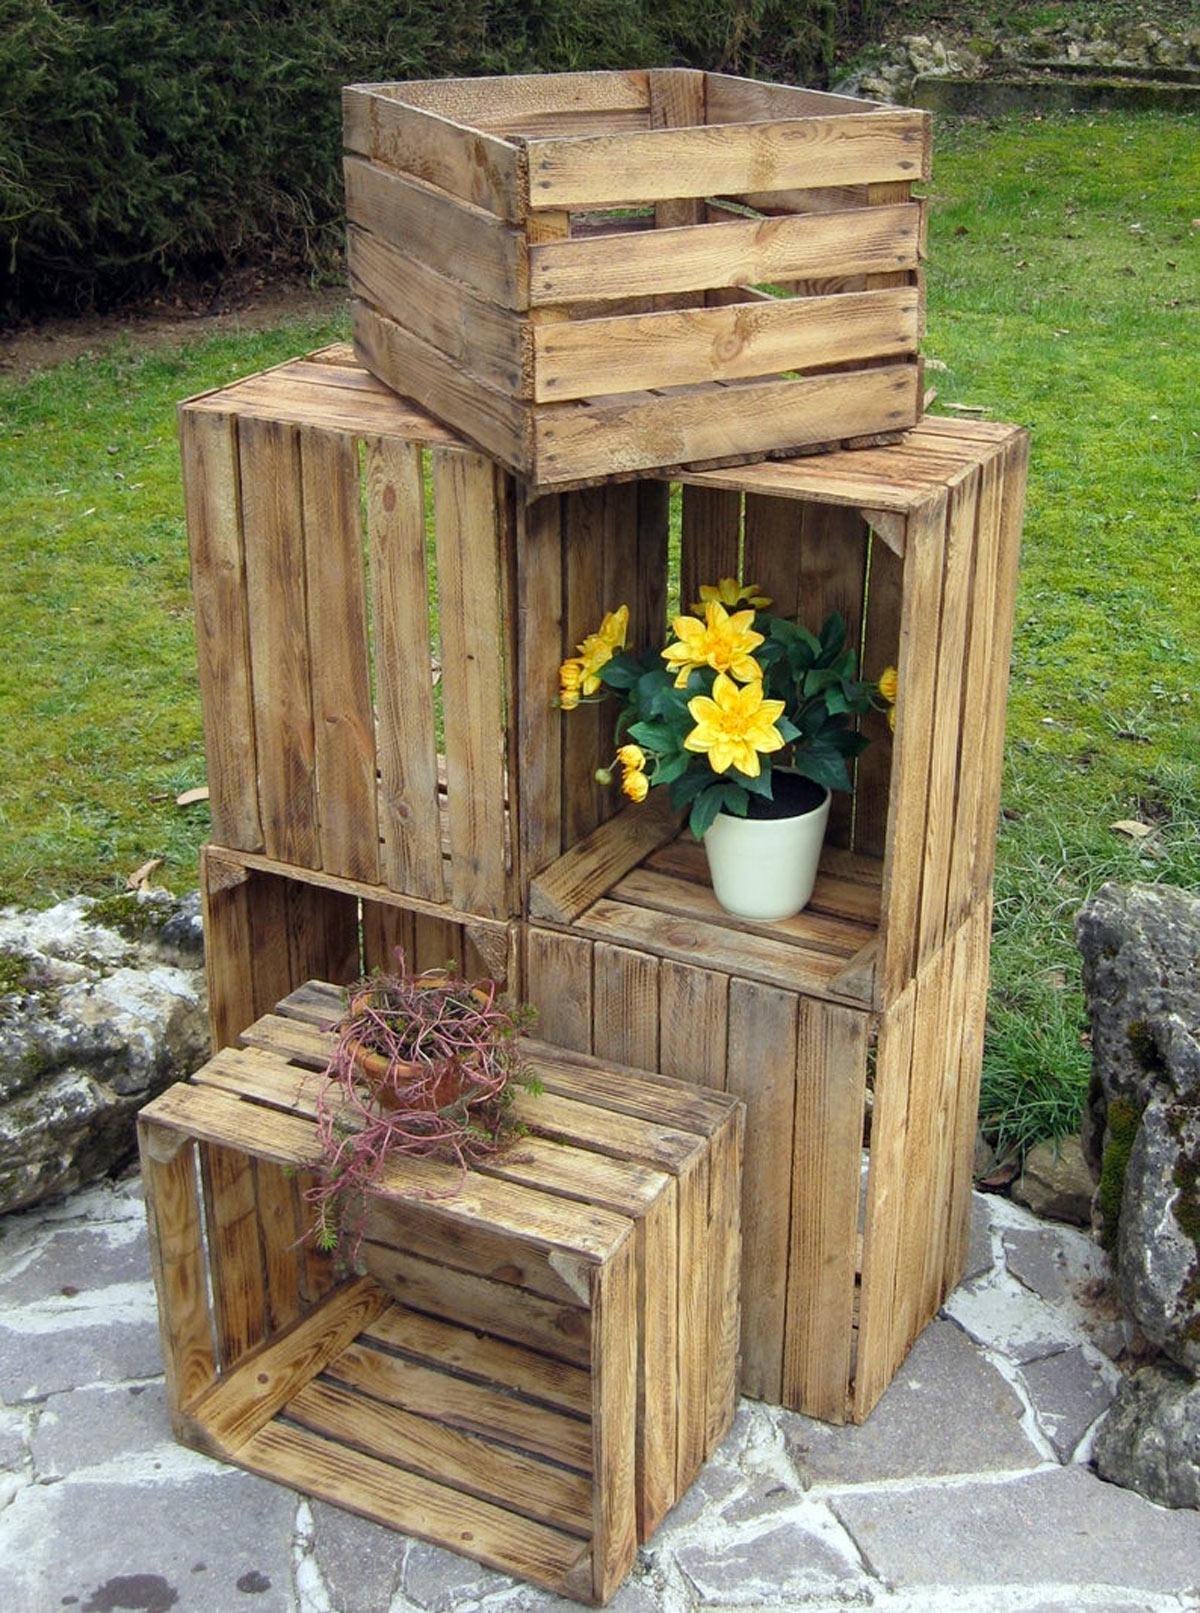 Fioriera fai da te con cassette di legno per arredare l'esterno di casa.